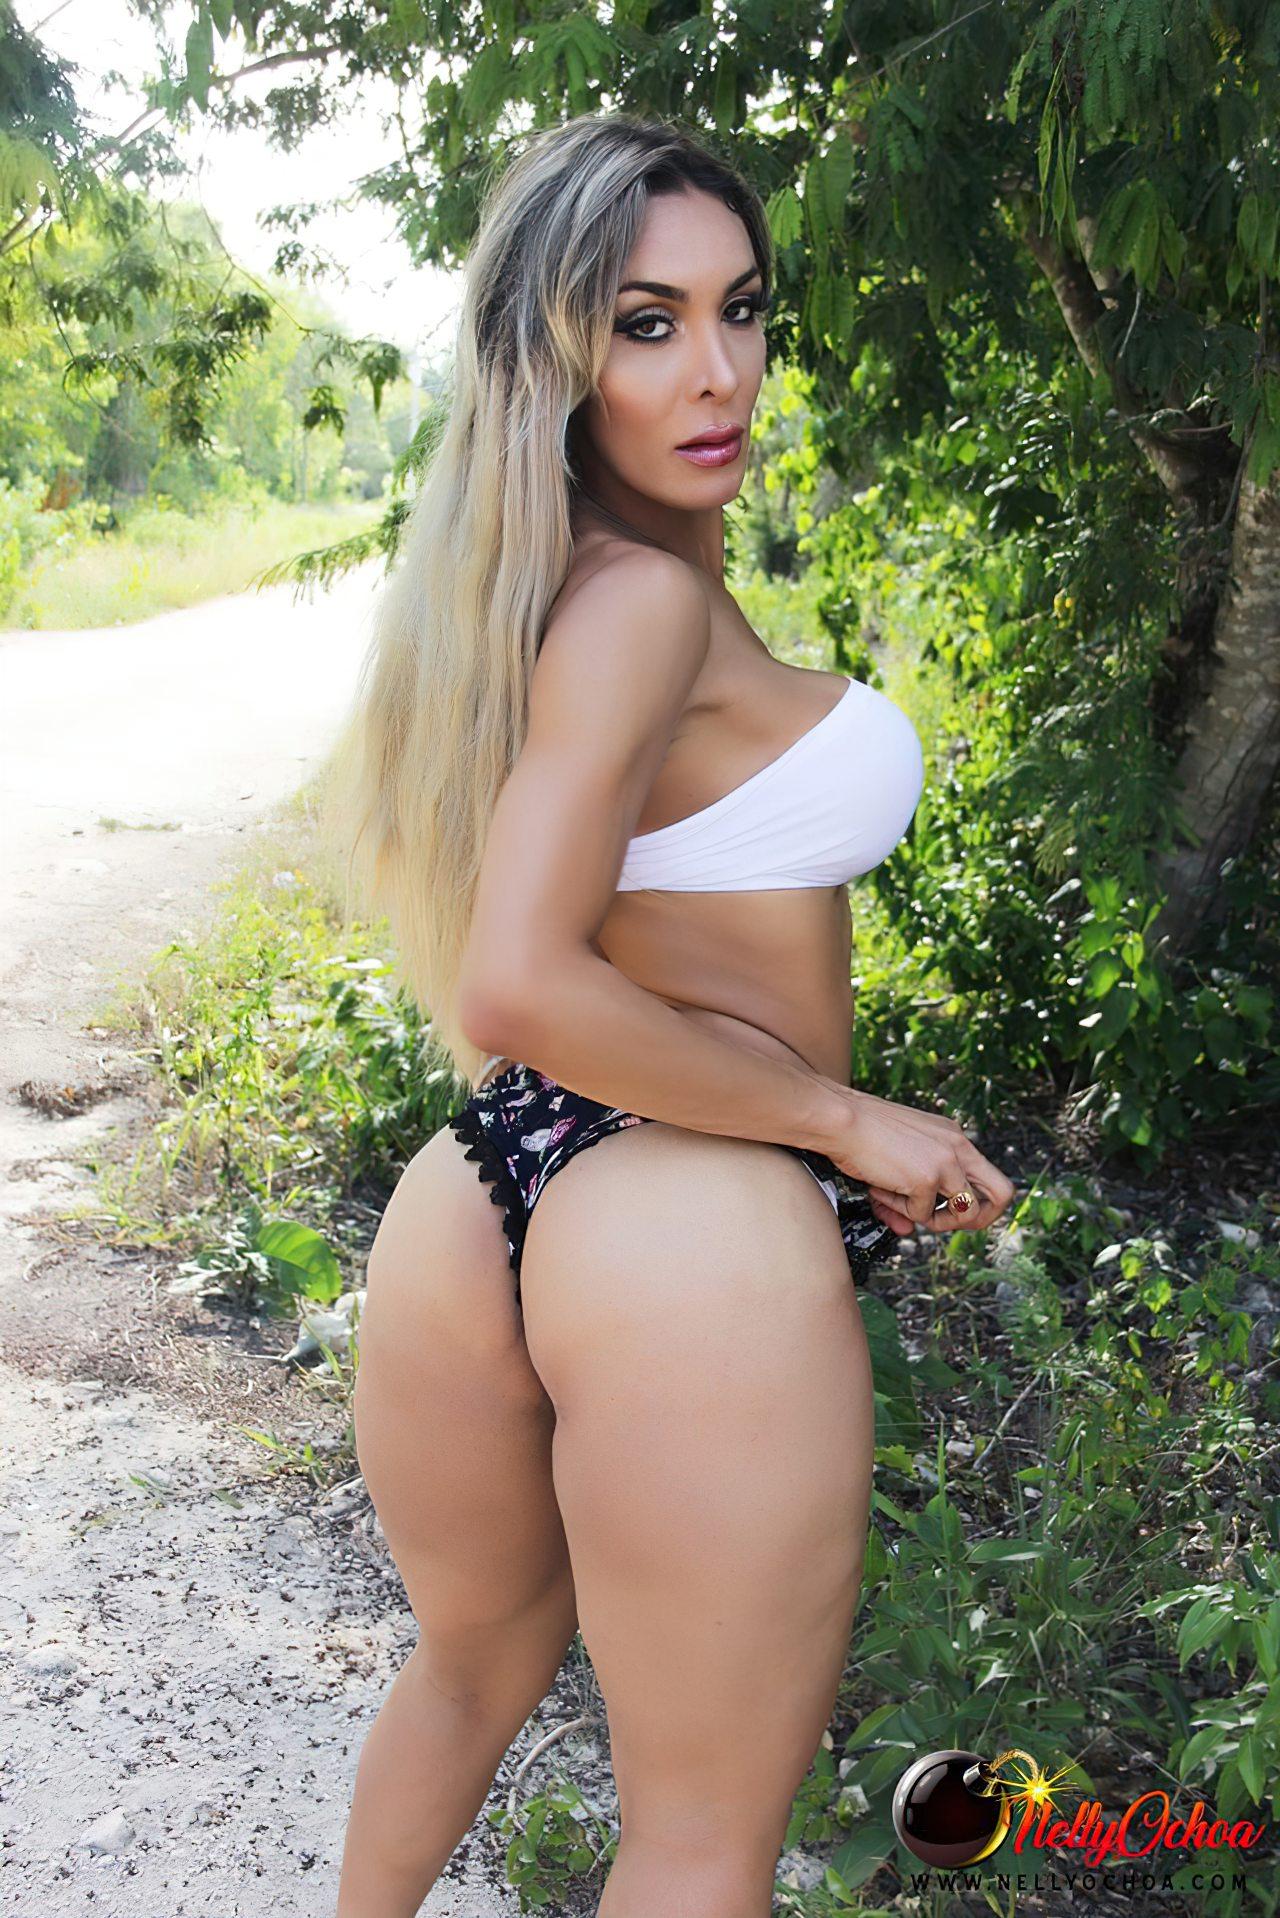 Nelly Ochoa Tirando Roupa na Rua (4)